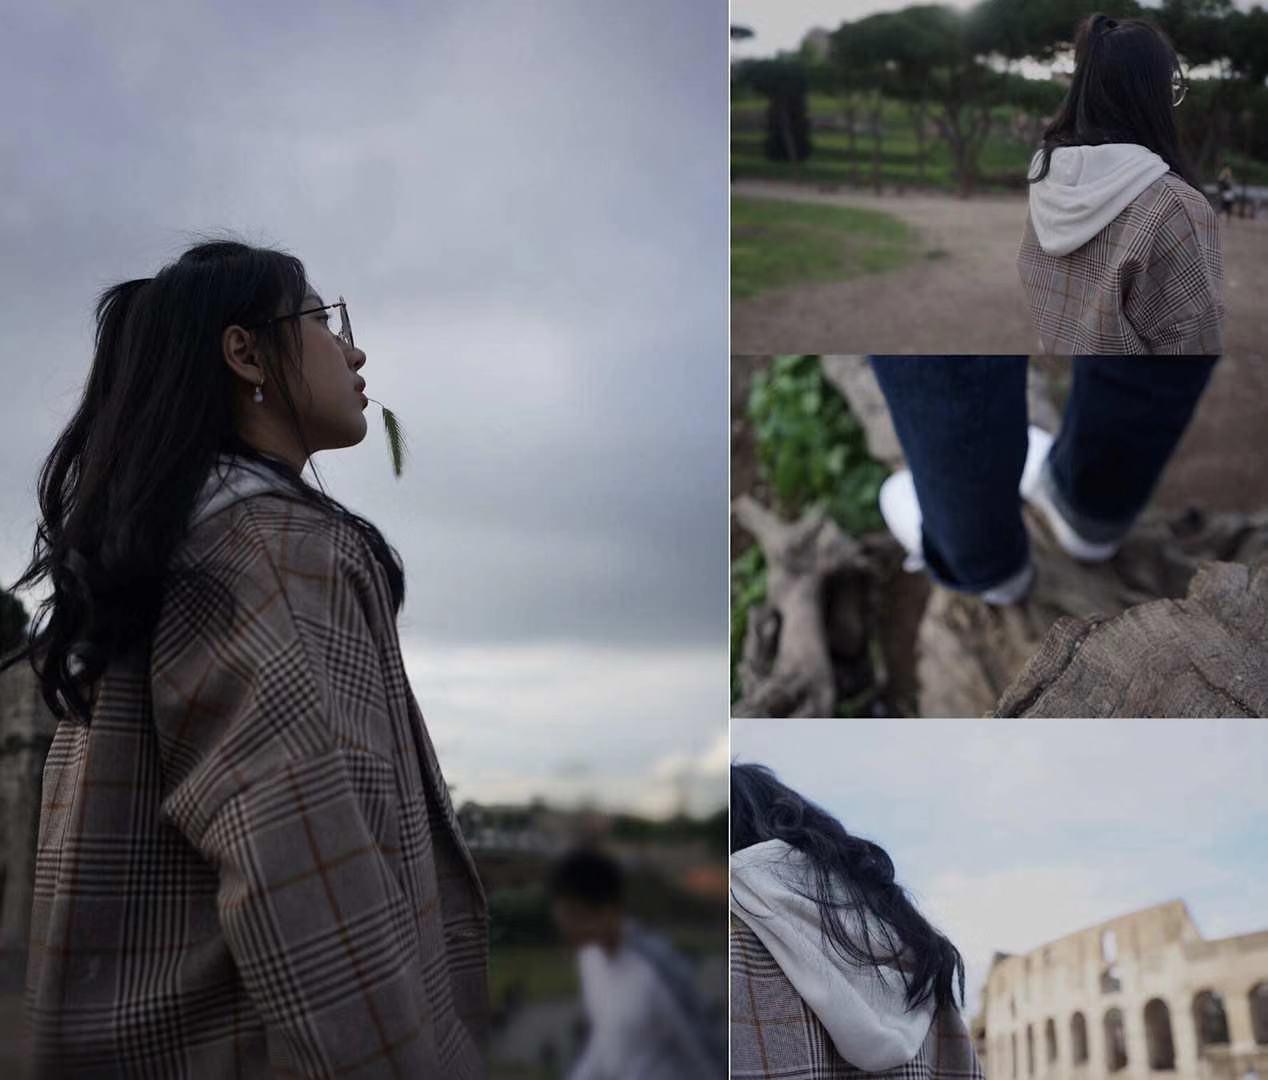 微信图片-20200113113744-Dulwich_International_High_School_Suzhou